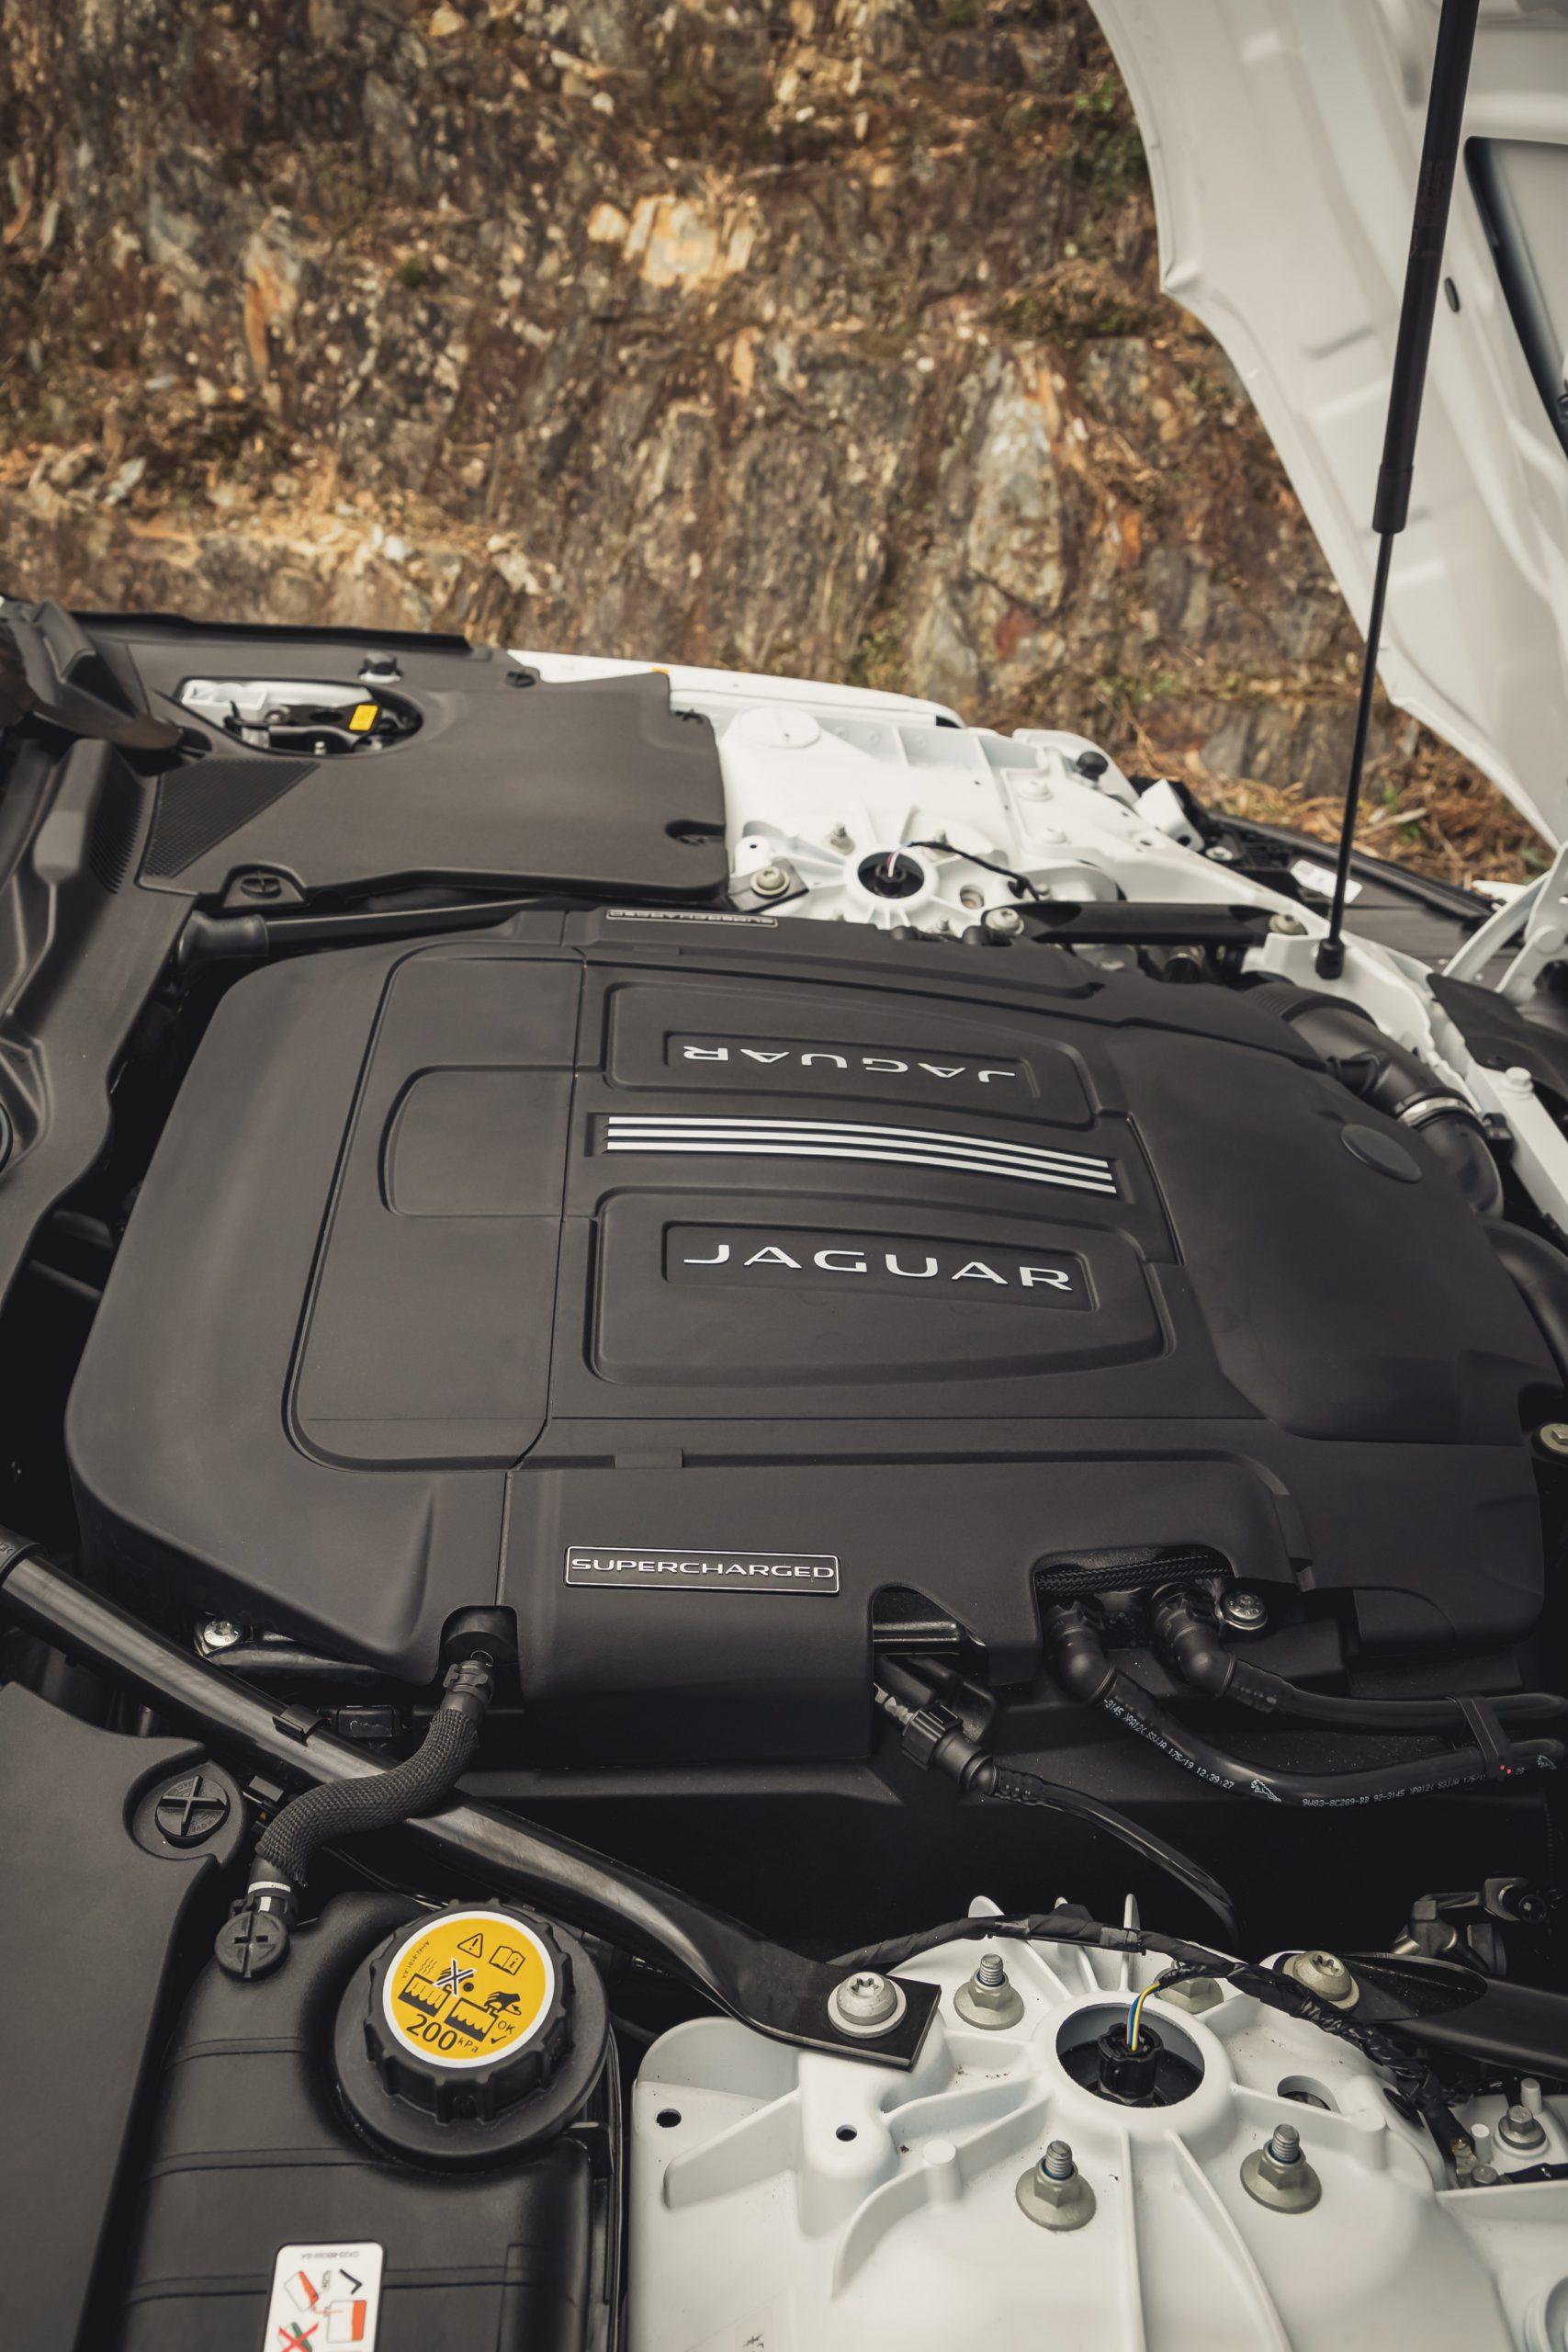 2022 Jaguar F-Type P450 V8 engine